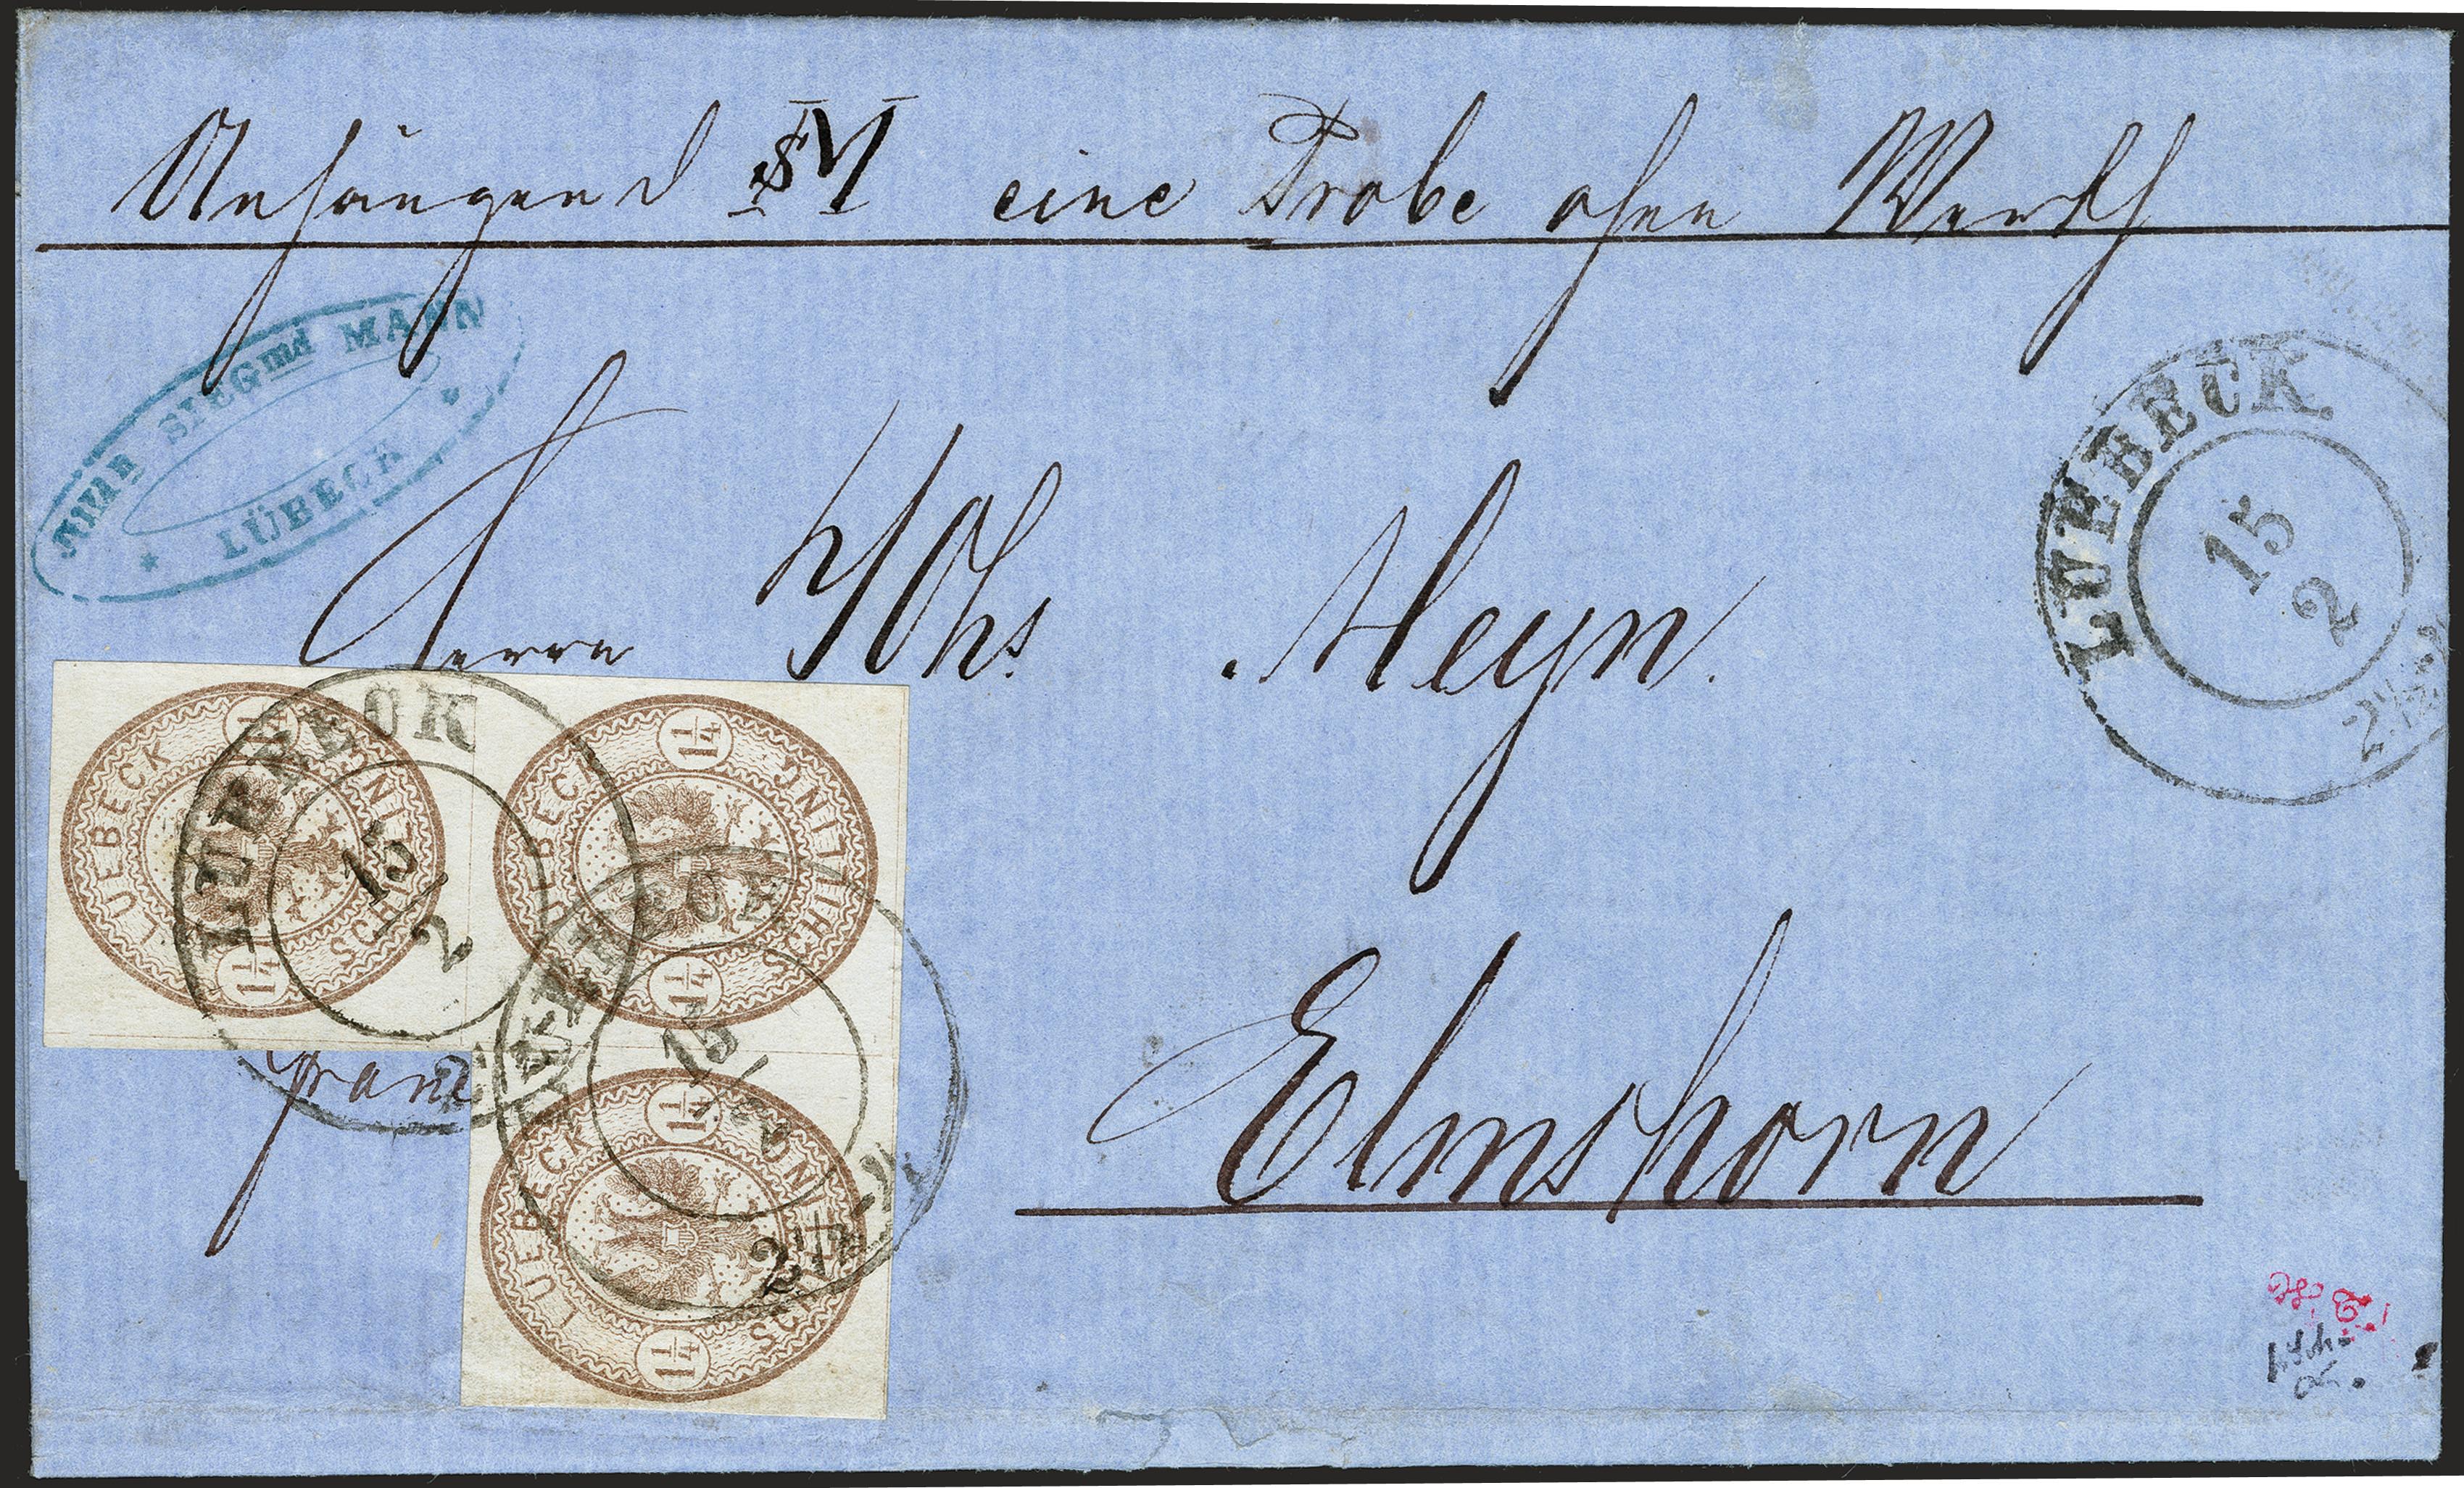 Lot 119 - Altdeutsche Staaten lübeck -  Heinrich Koehler Auktionen 372nd Auction - The ERIVAN Collection